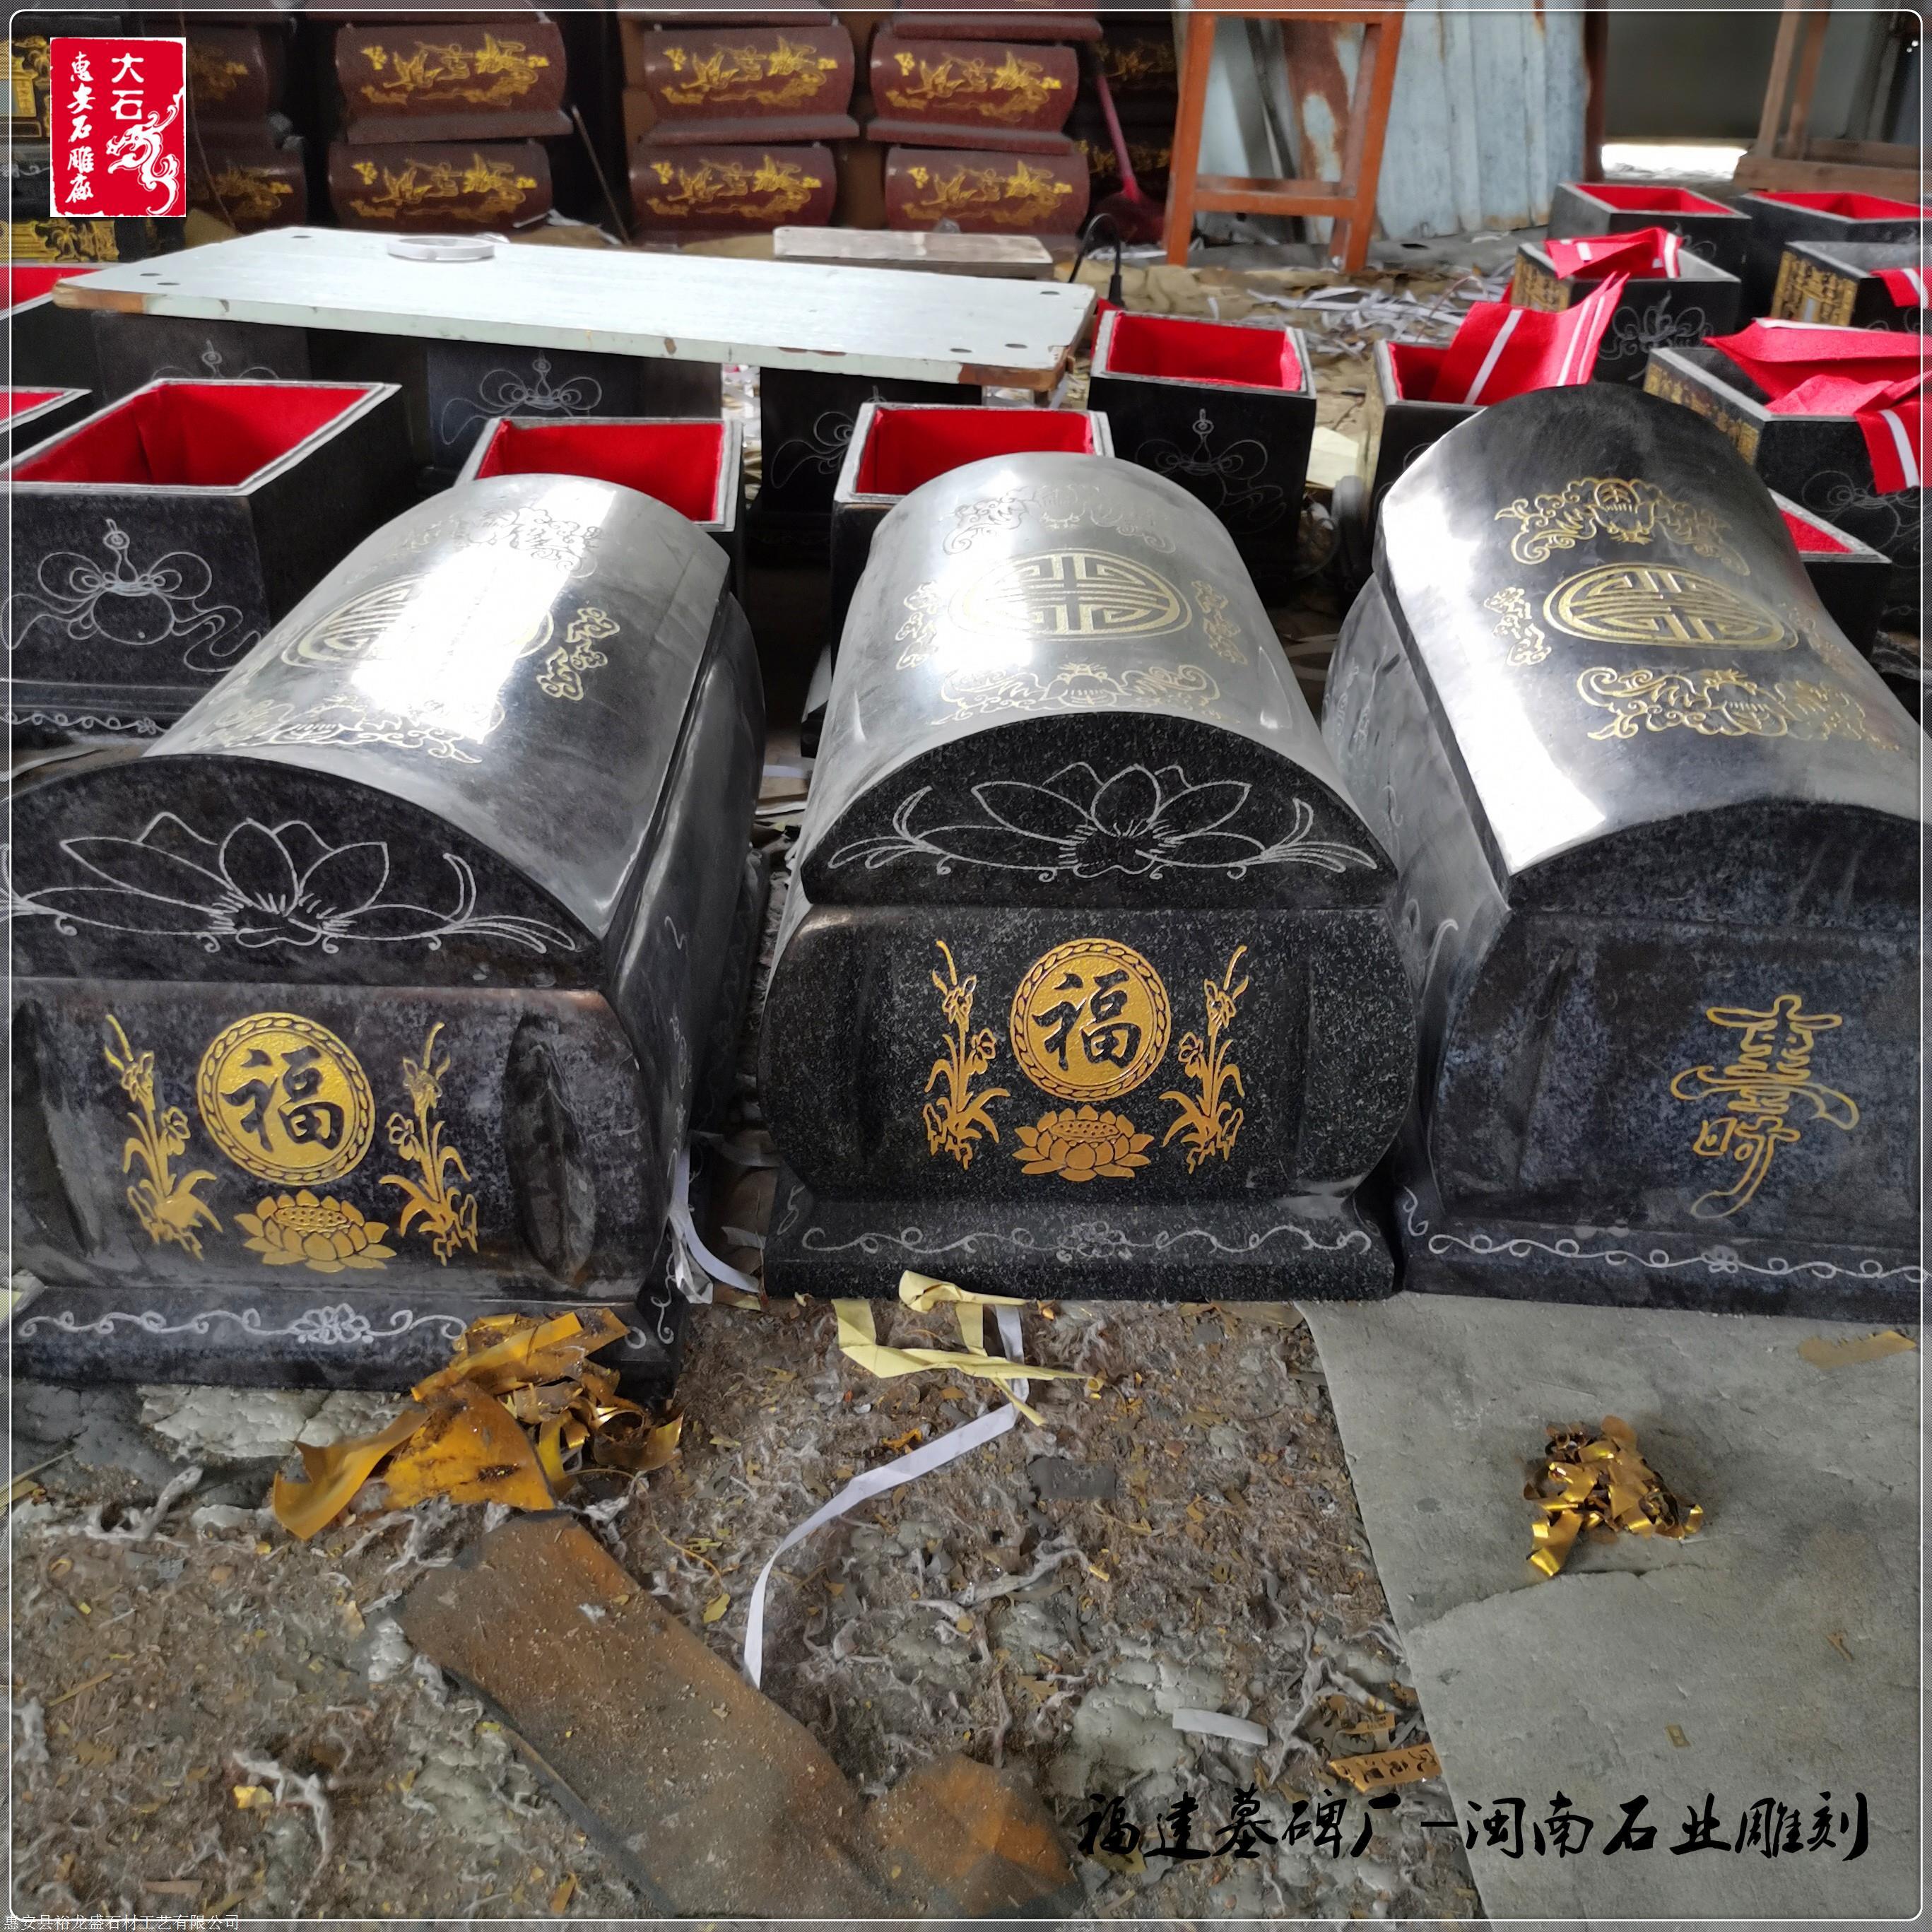 大理石龙凤棺材 玉石骨灰盒 殡葬用品 玉器骨灰盒示例图18